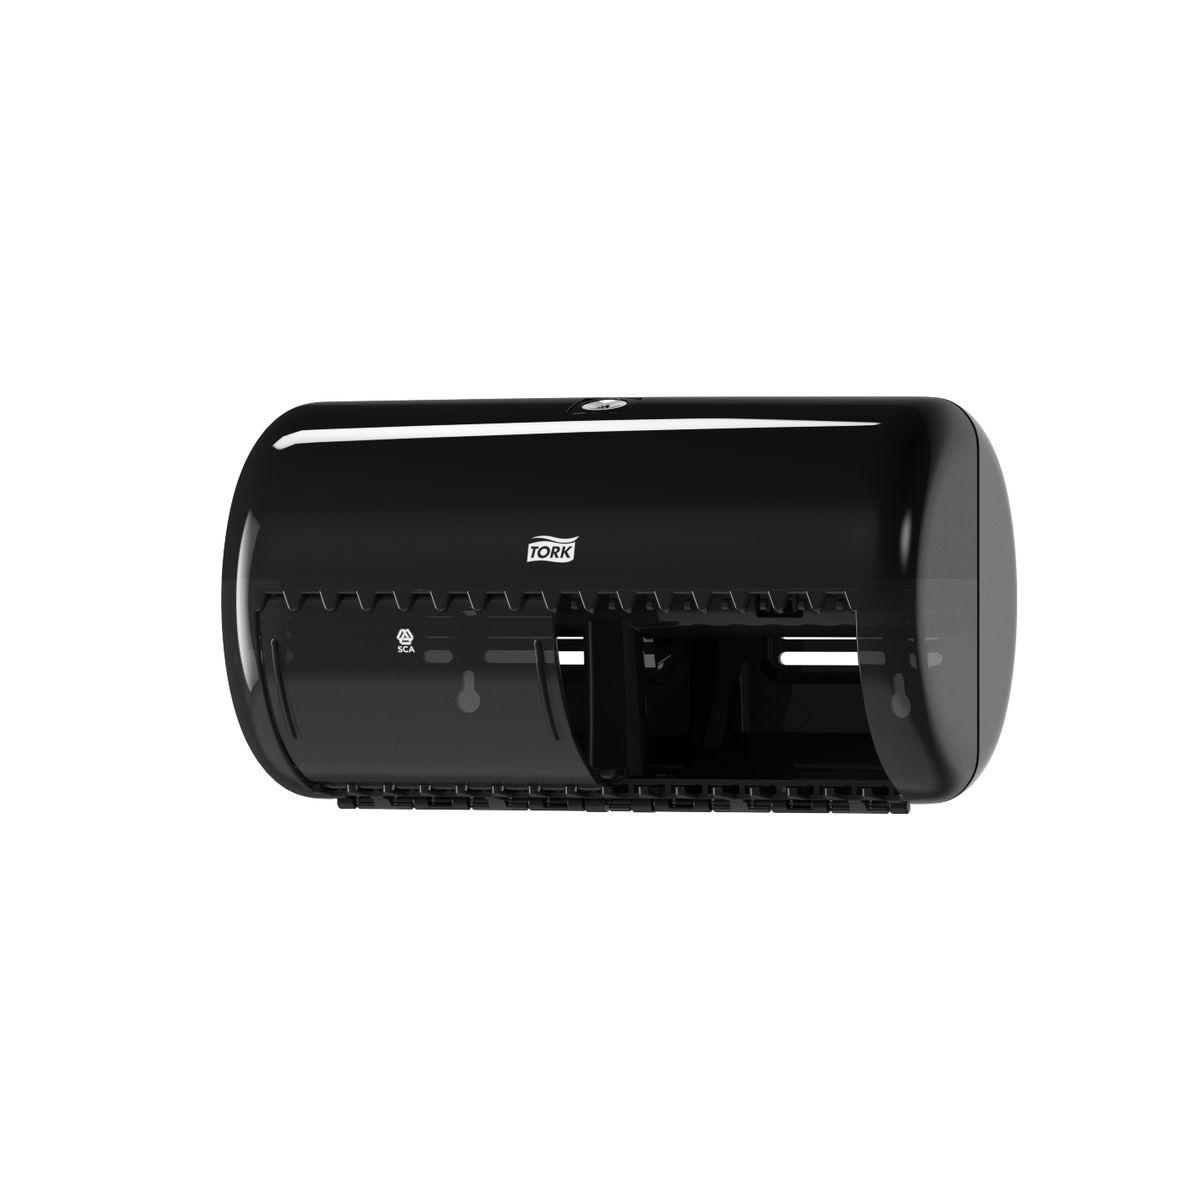 Диспенсер для туалетной бумаги Tork, цвет: черный. 55700874-0120Система Т4 - бумага в стандартных рулончиках.Практичный компактный диспенсер, вмещающий 2 стандартных рулона туалетной бумаги.Бумага легко отрывается с помощью удобных зубцов, даже не имея перфорации, защищается от повреждений и кражи.Диспенсер открывается с помощью ключа или нажатием на кнопку.В комплект входит инструкция по заправке и использованию.